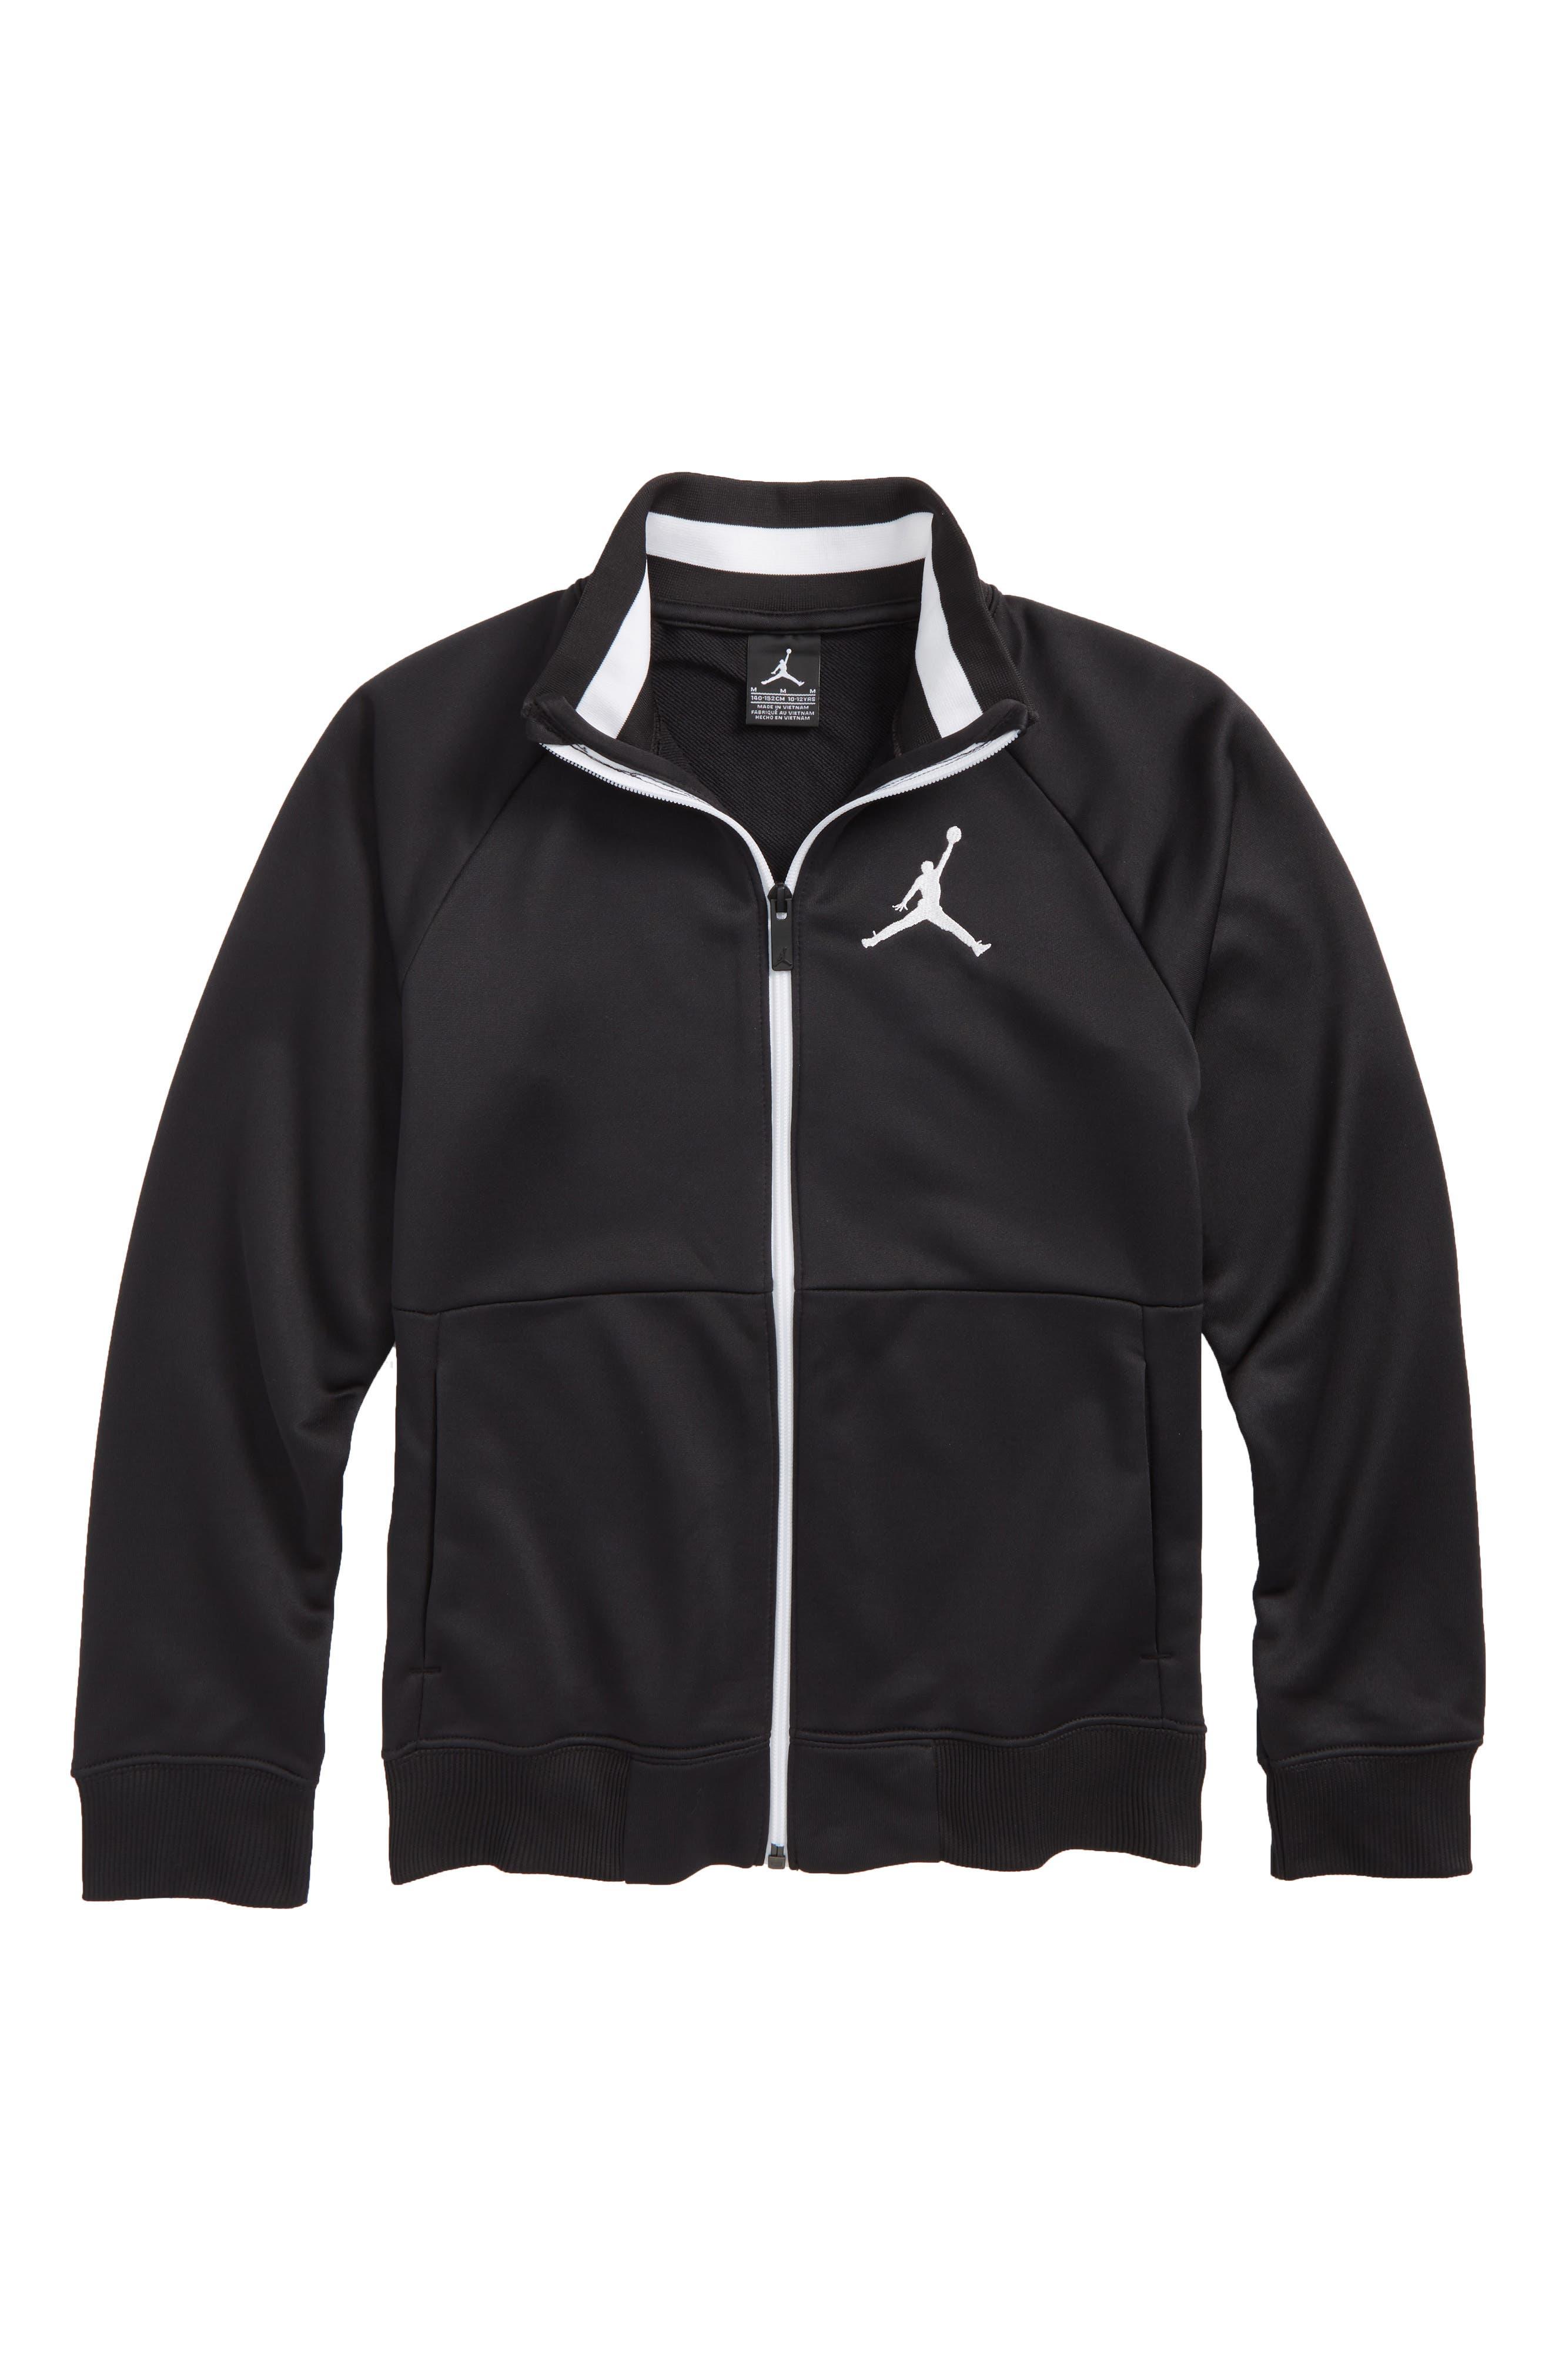 Jordan AJ 90s Tricot Jacket,                             Main thumbnail 1, color,                             Black